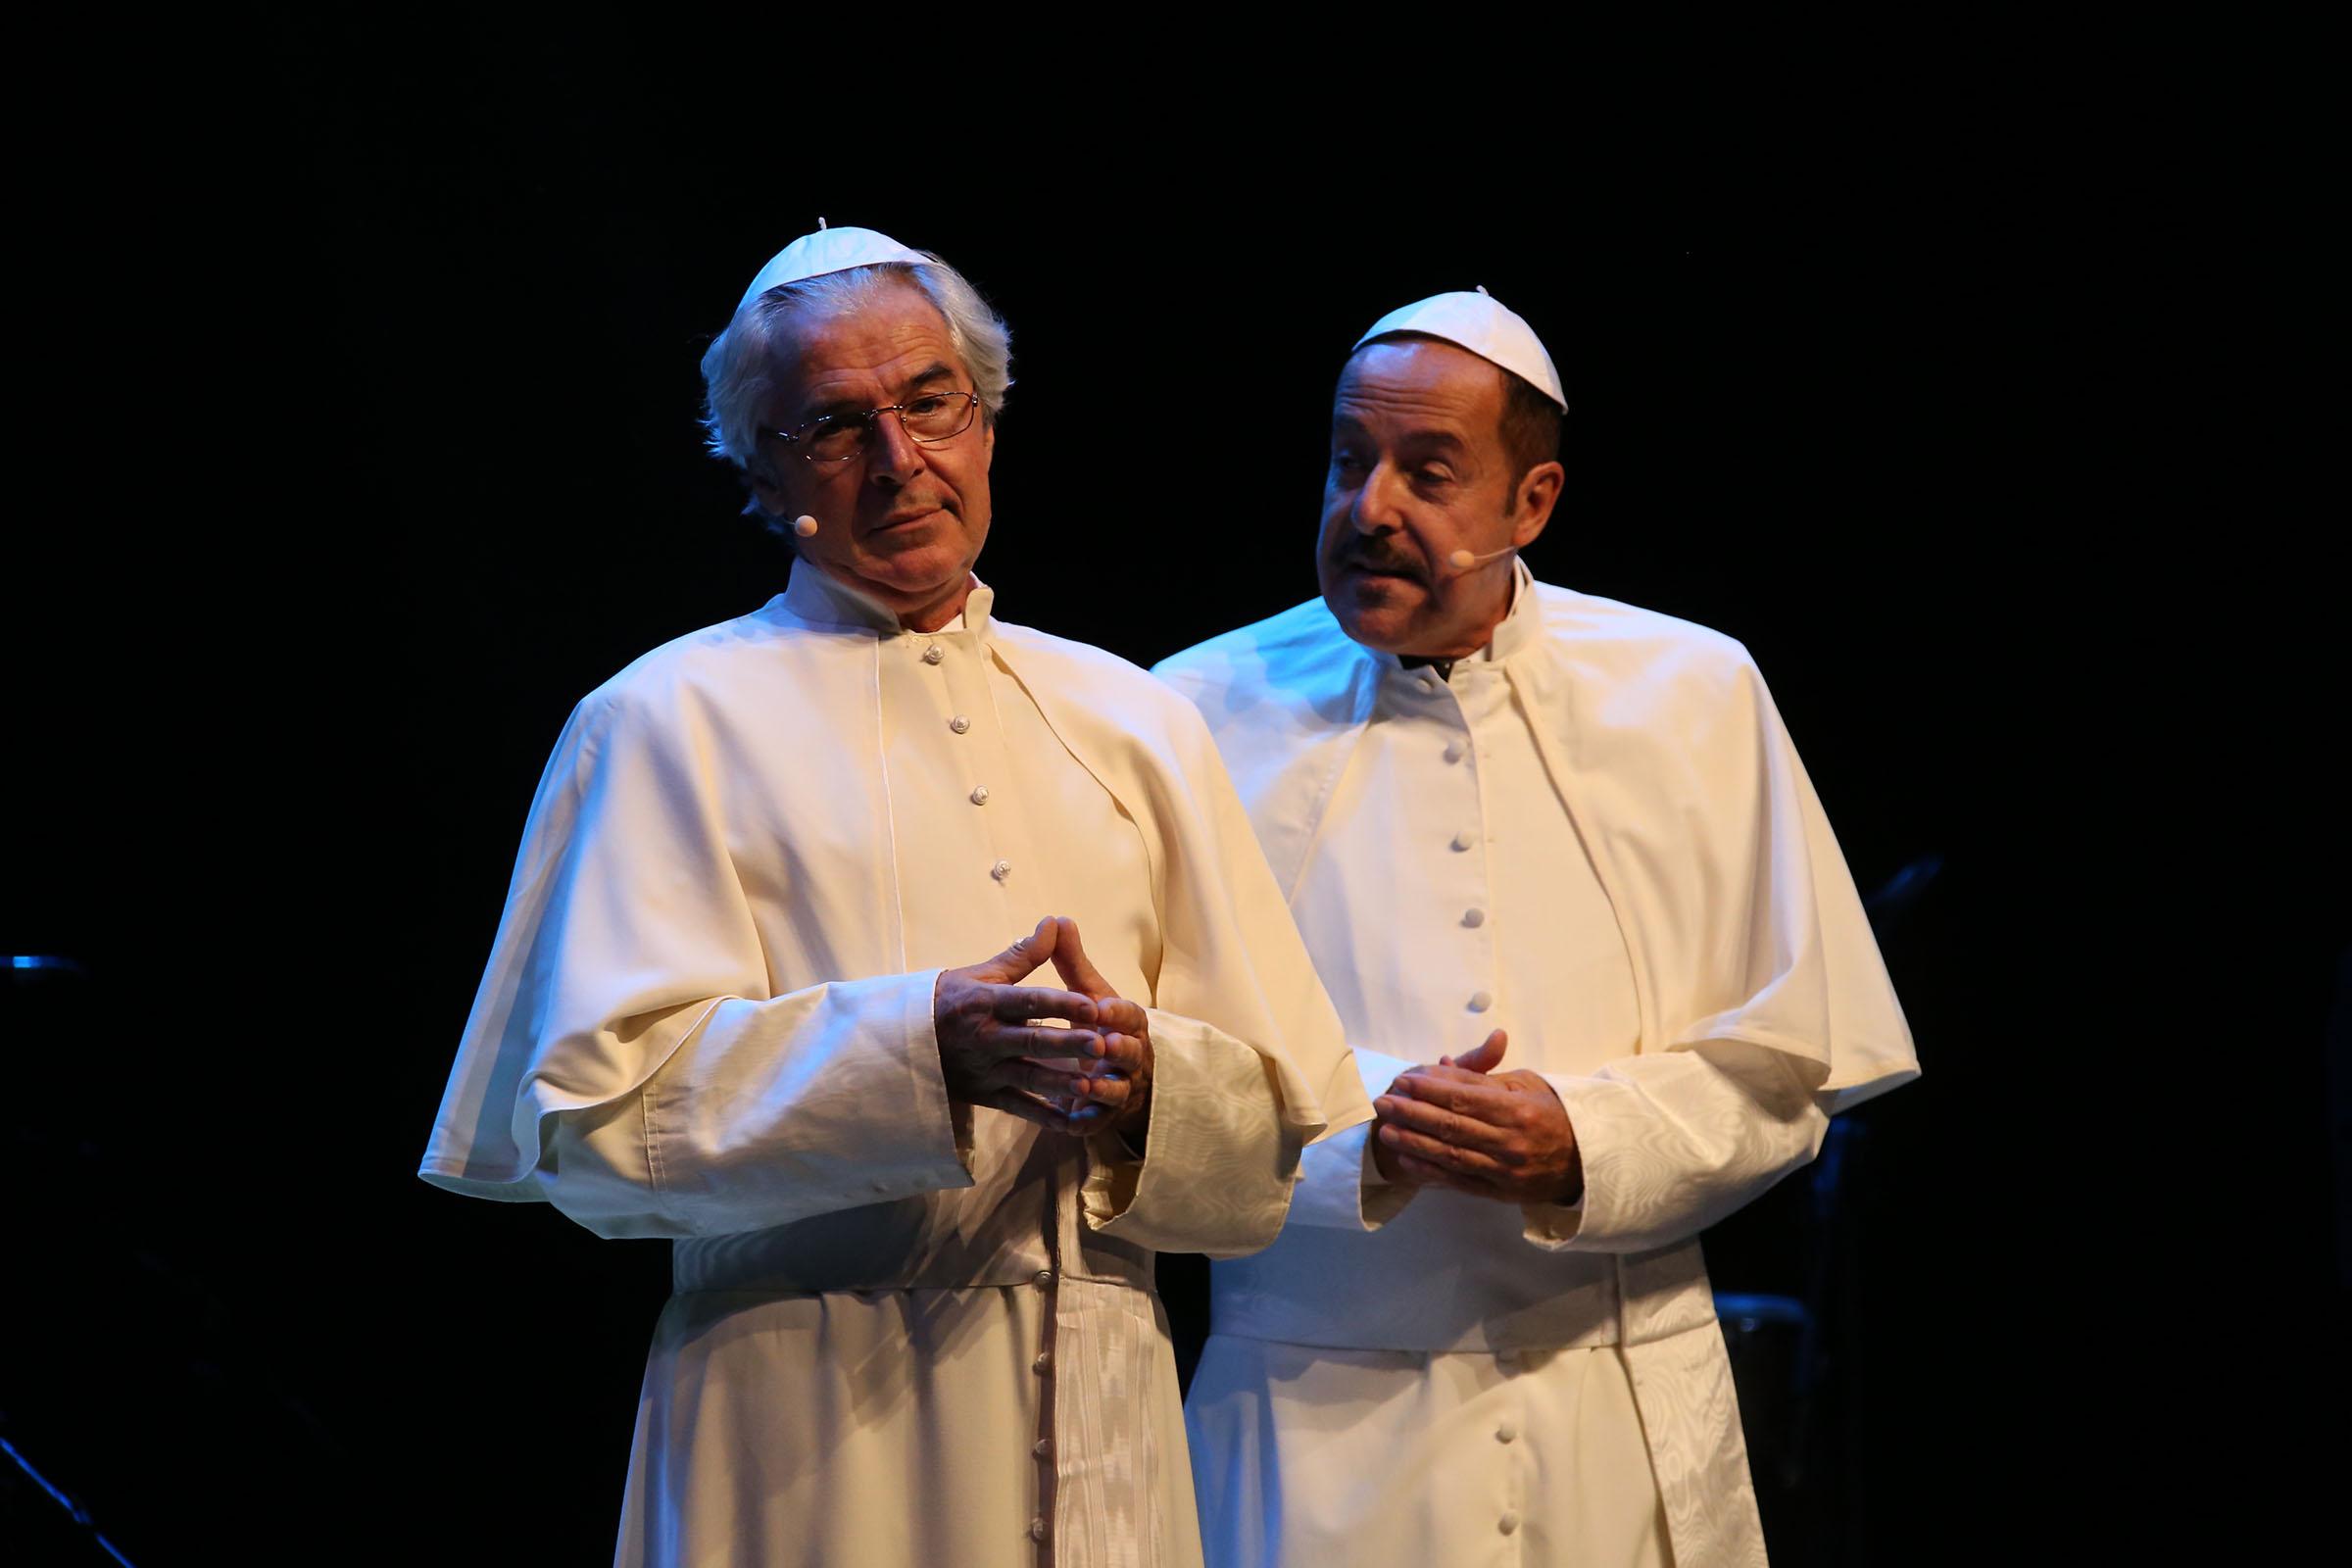 Massimo Lopez e Tullio Solenghi in papa bergoglio e ratzinger